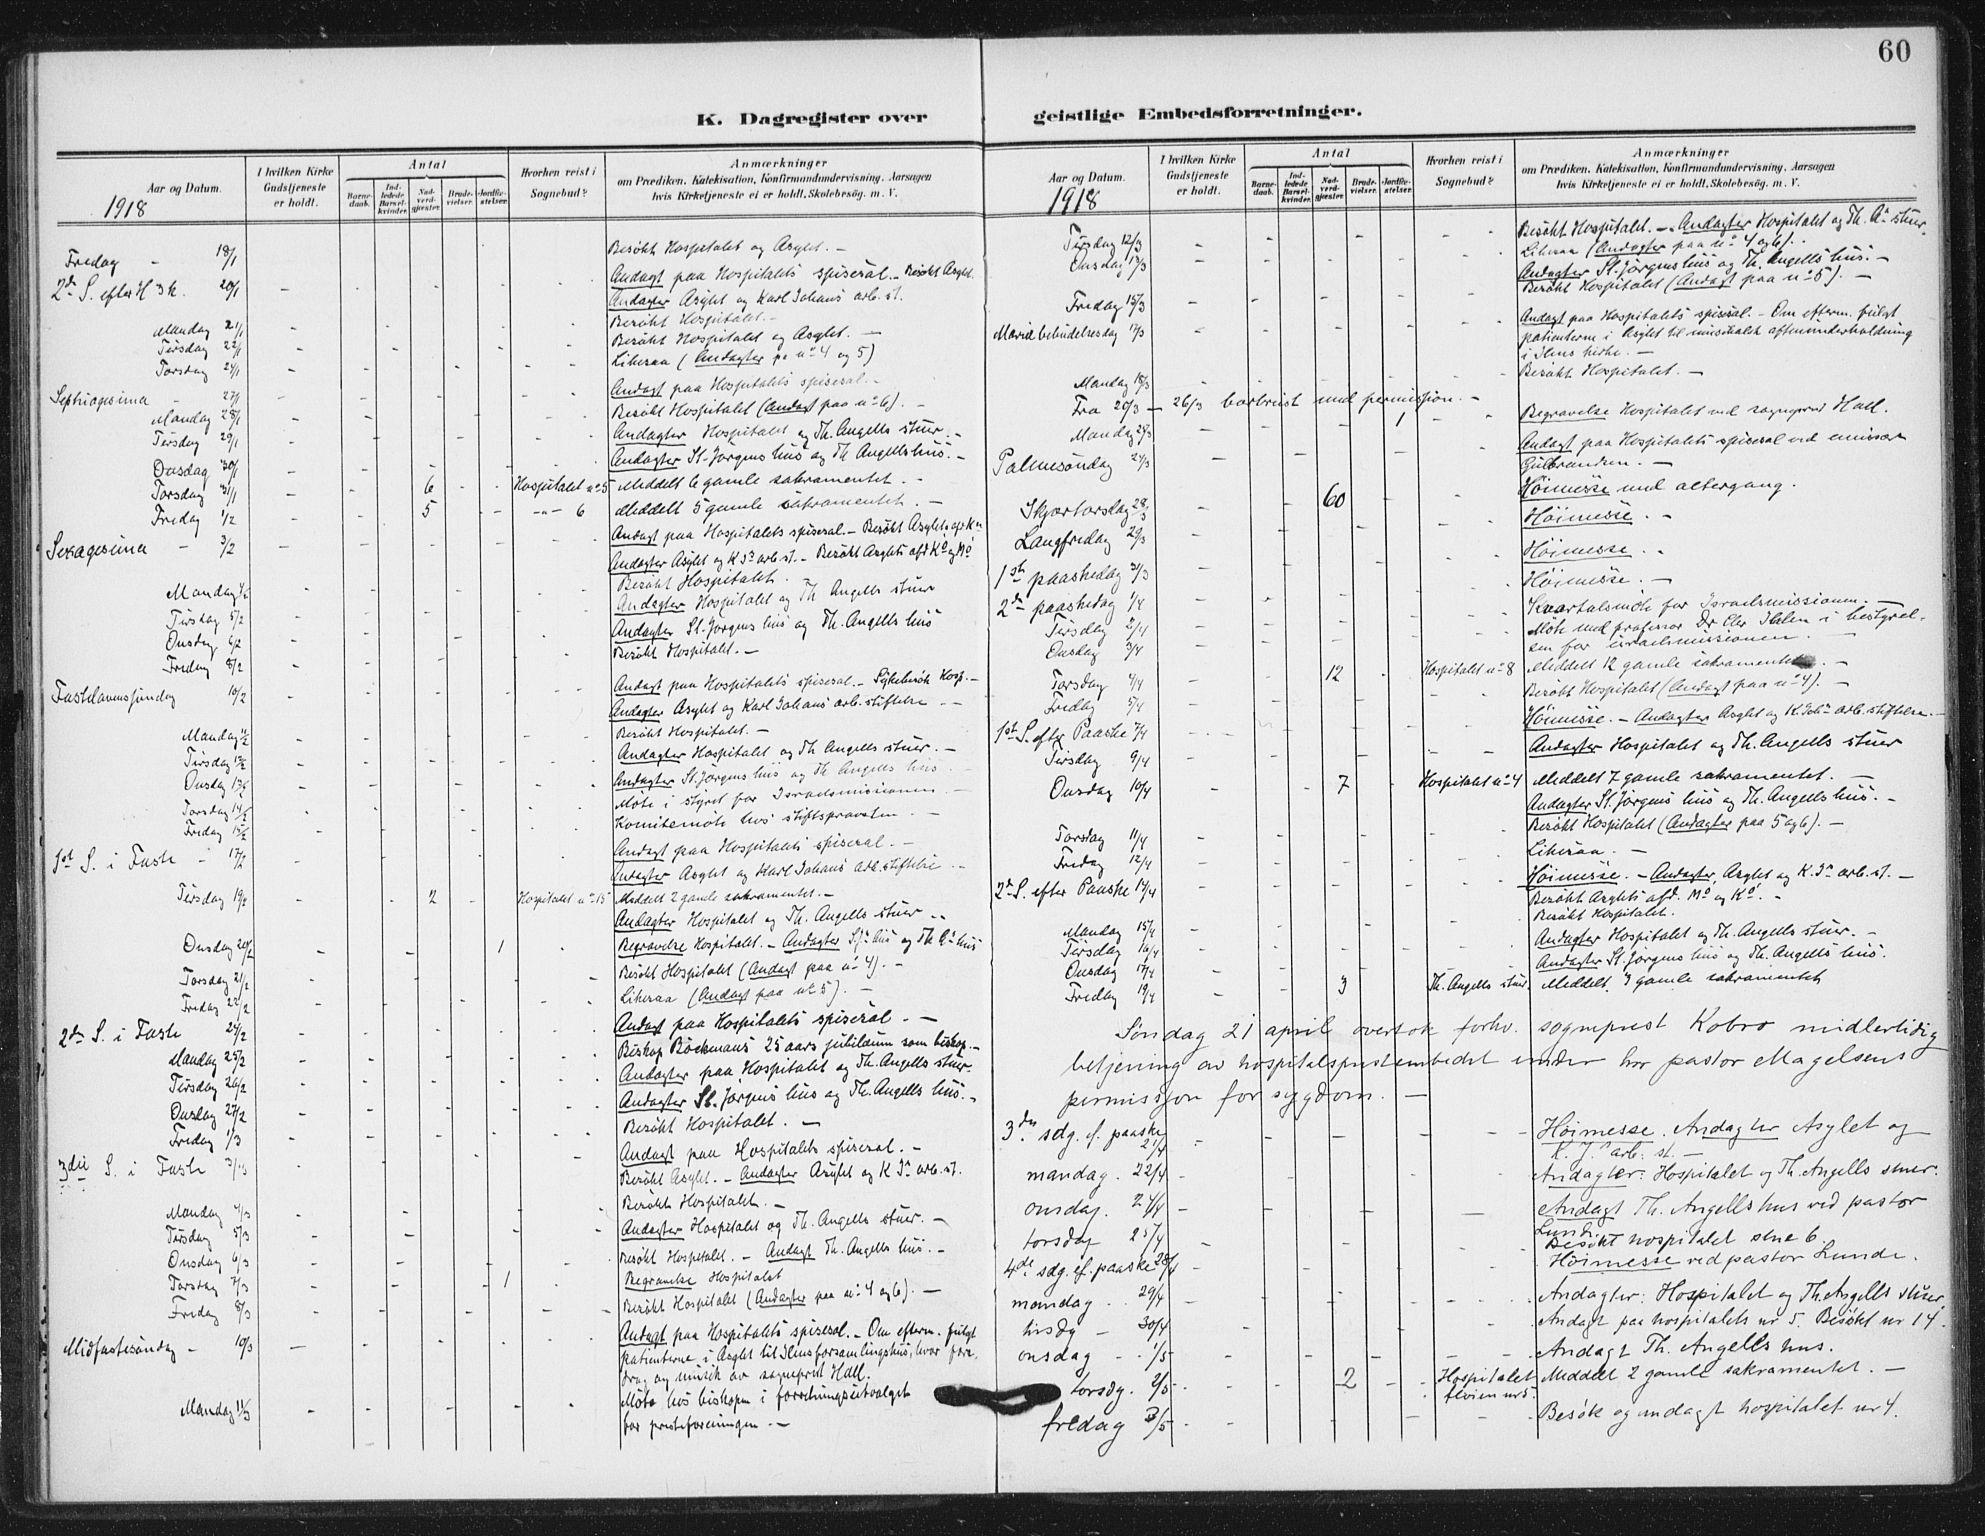 SAT, Ministerialprotokoller, klokkerbøker og fødselsregistre - Sør-Trøndelag, 623/L0472: Ministerialbok nr. 623A06, 1907-1938, s. 60